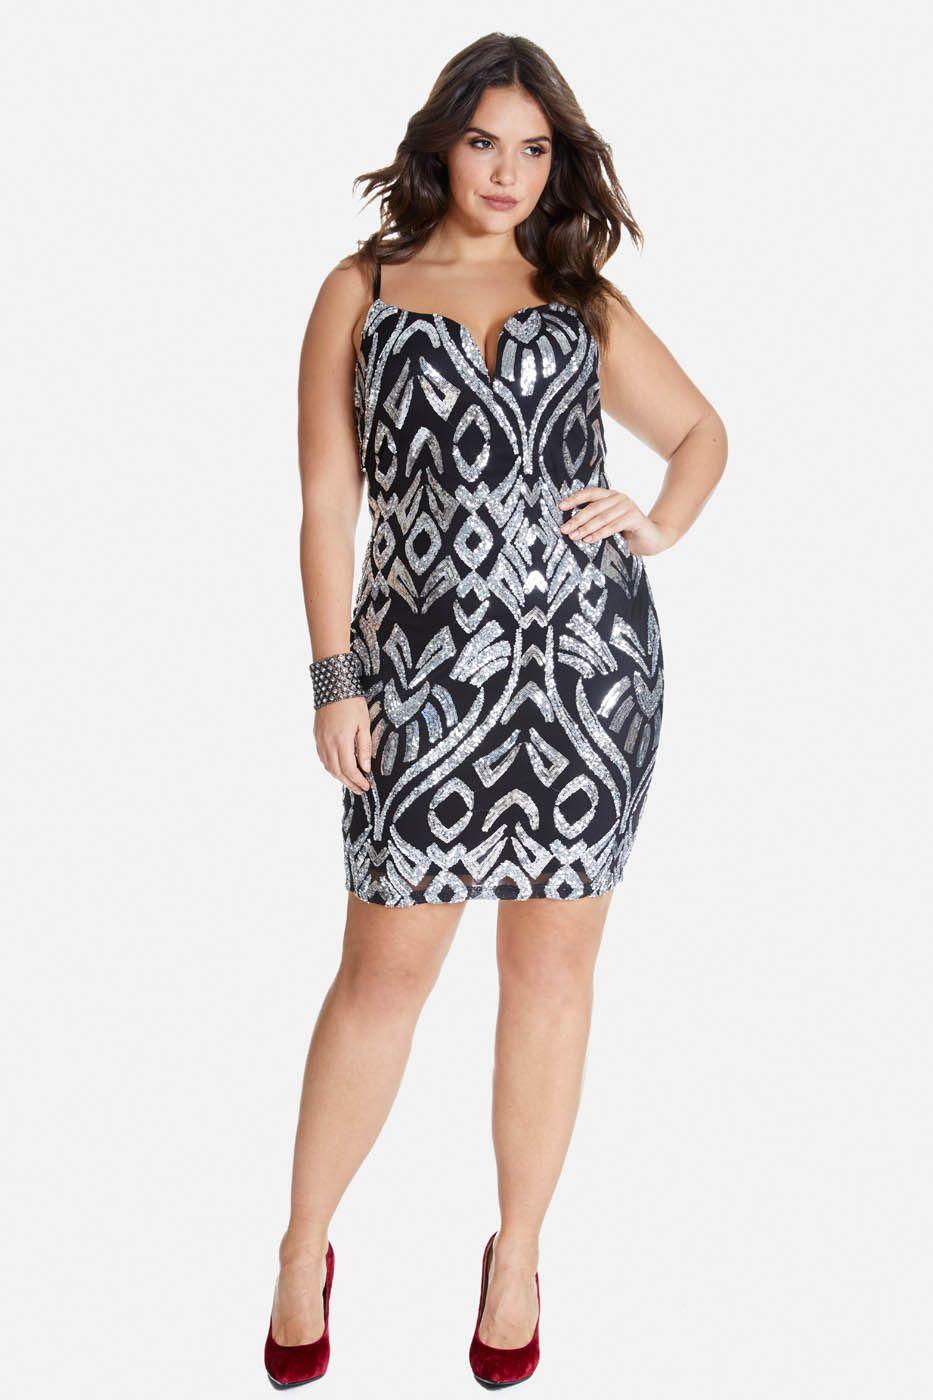 Plus Size High Lights Sequin Slip Dress Big Time NYE